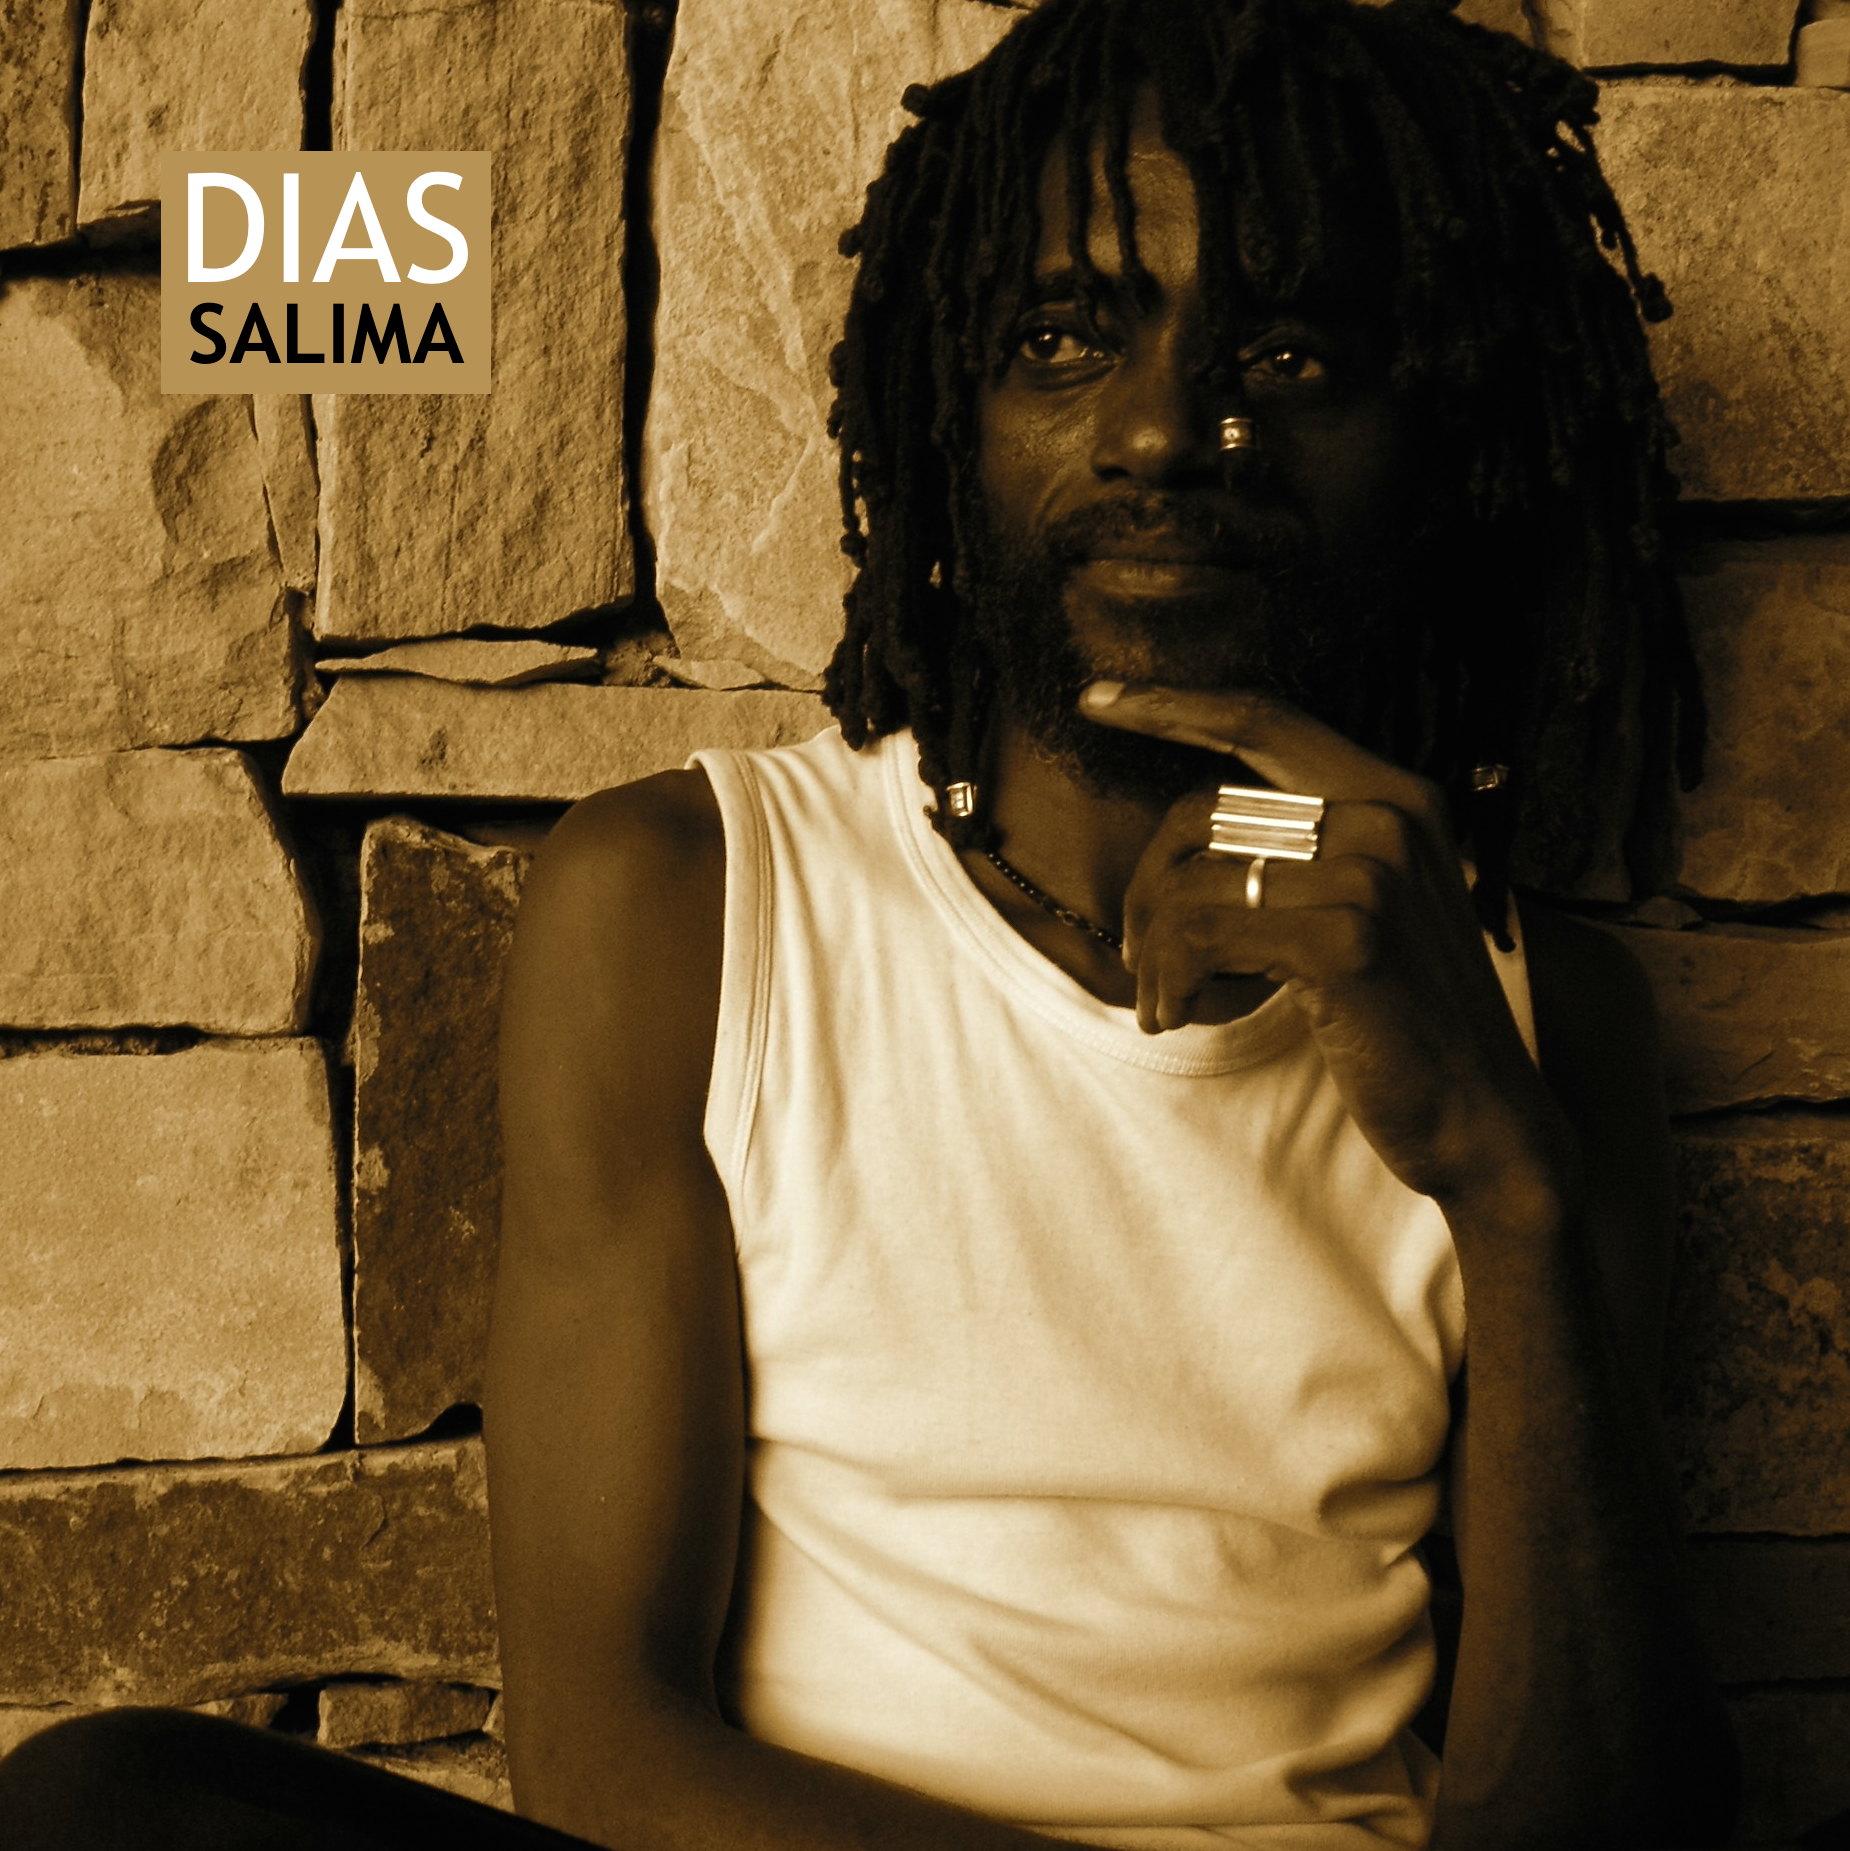 Dias - Salima